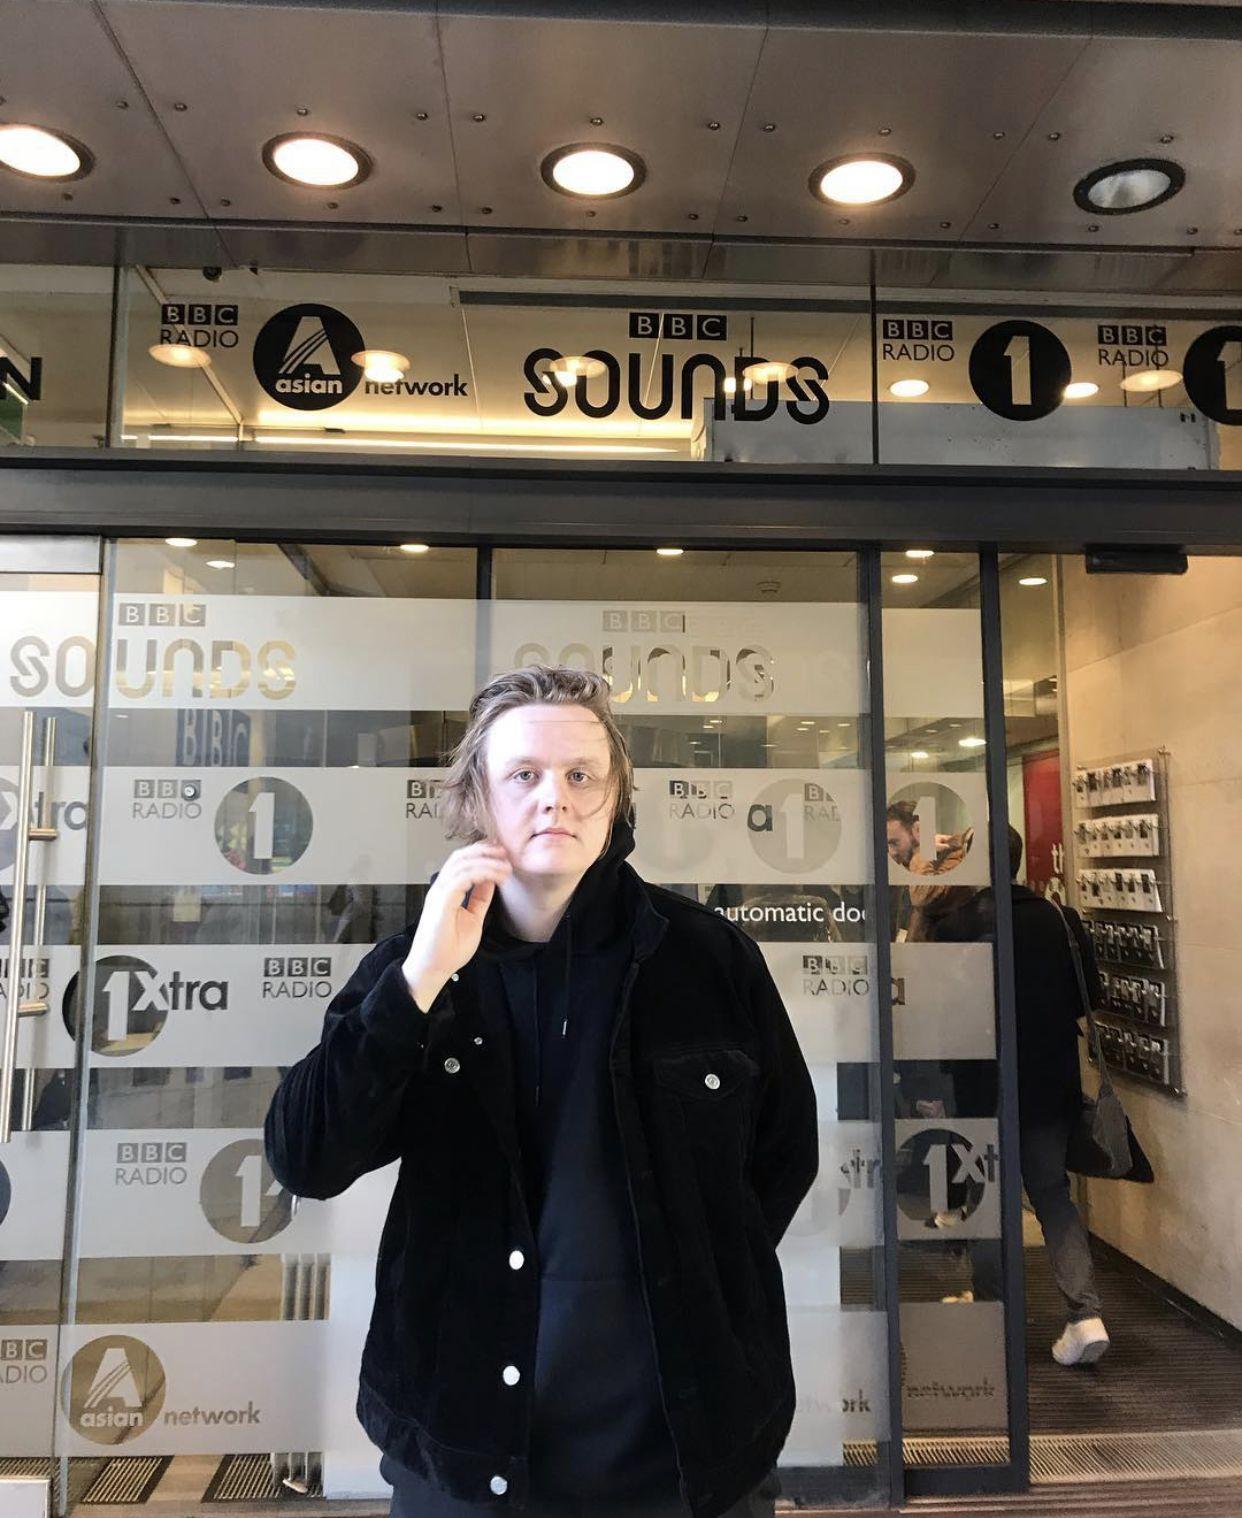 lewis capaldi. in 2020 Lewis, Good music, Bbc radio 1